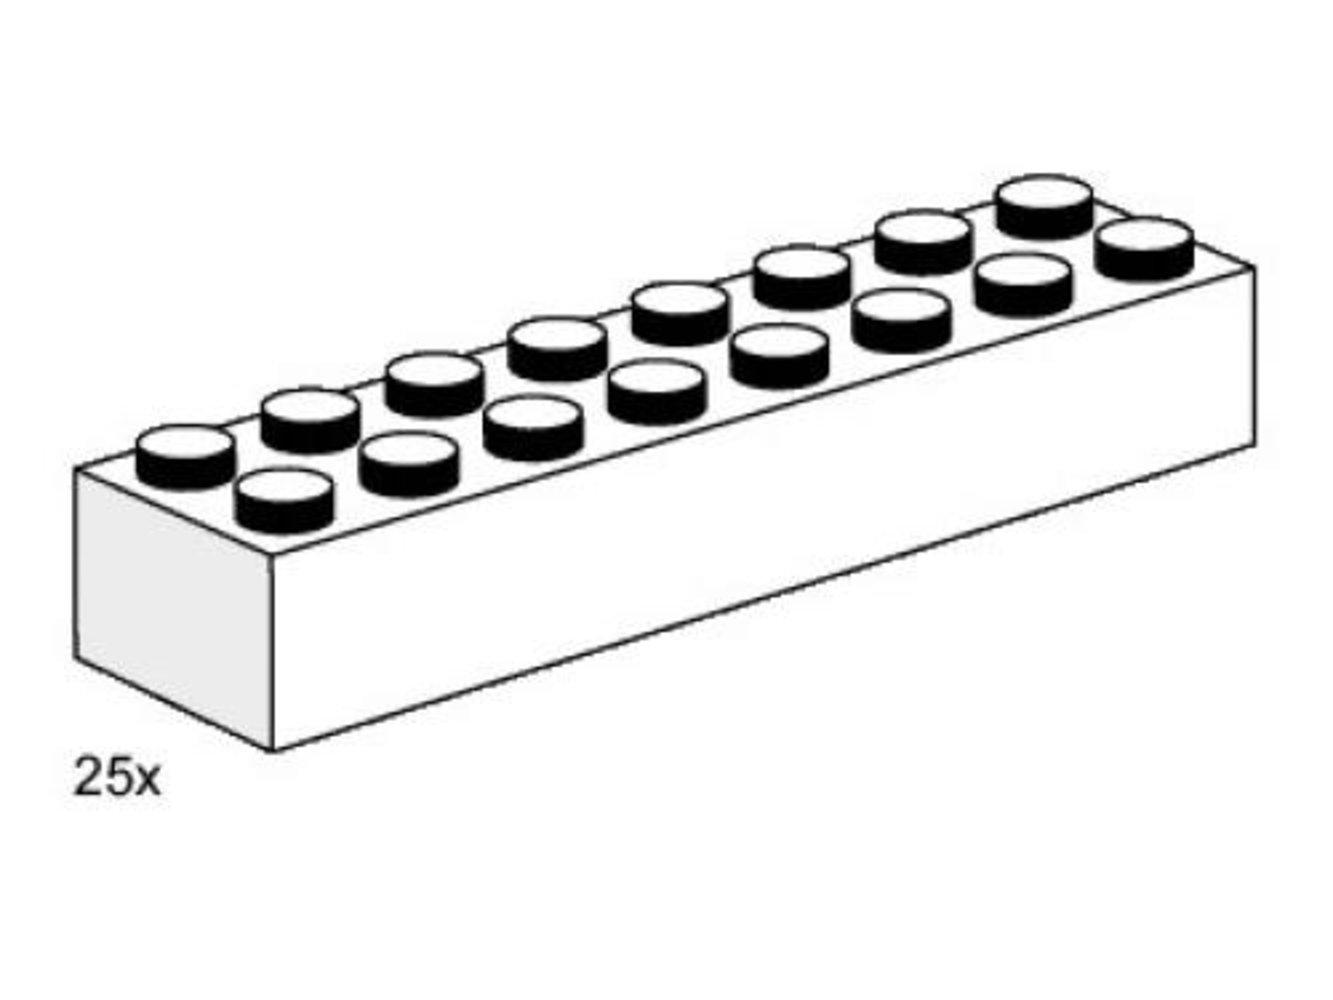 2 x 8 White Bricks